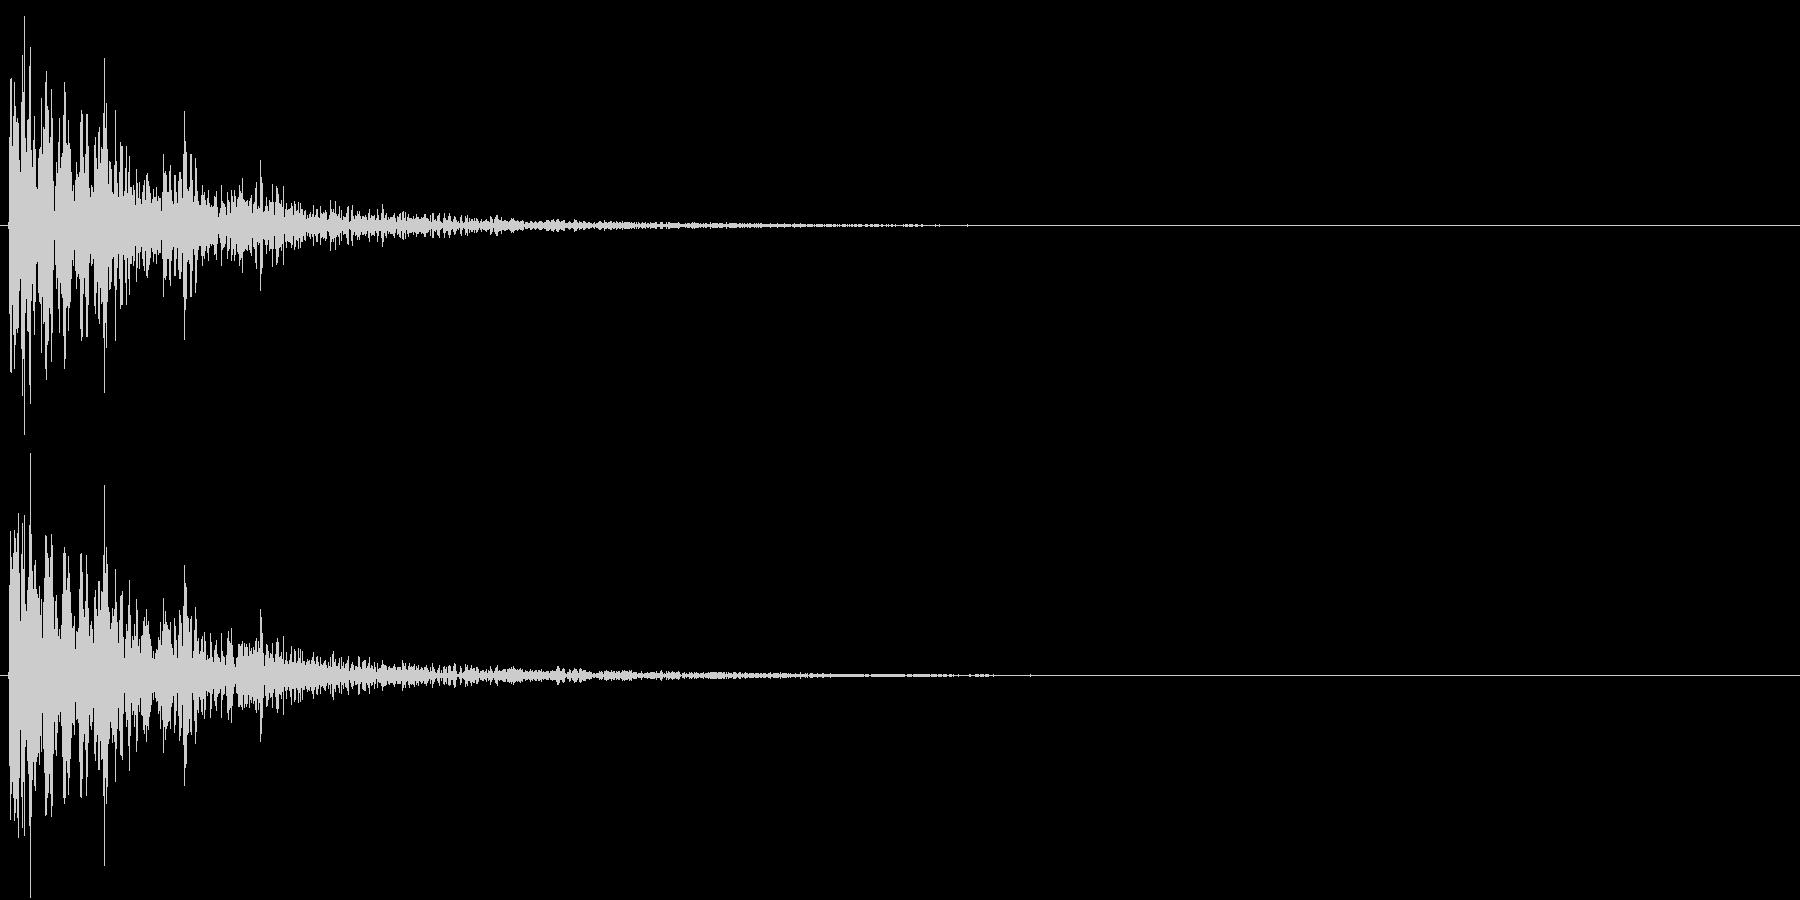 【生録音】金属音 物音 ステンレス製器具の未再生の波形